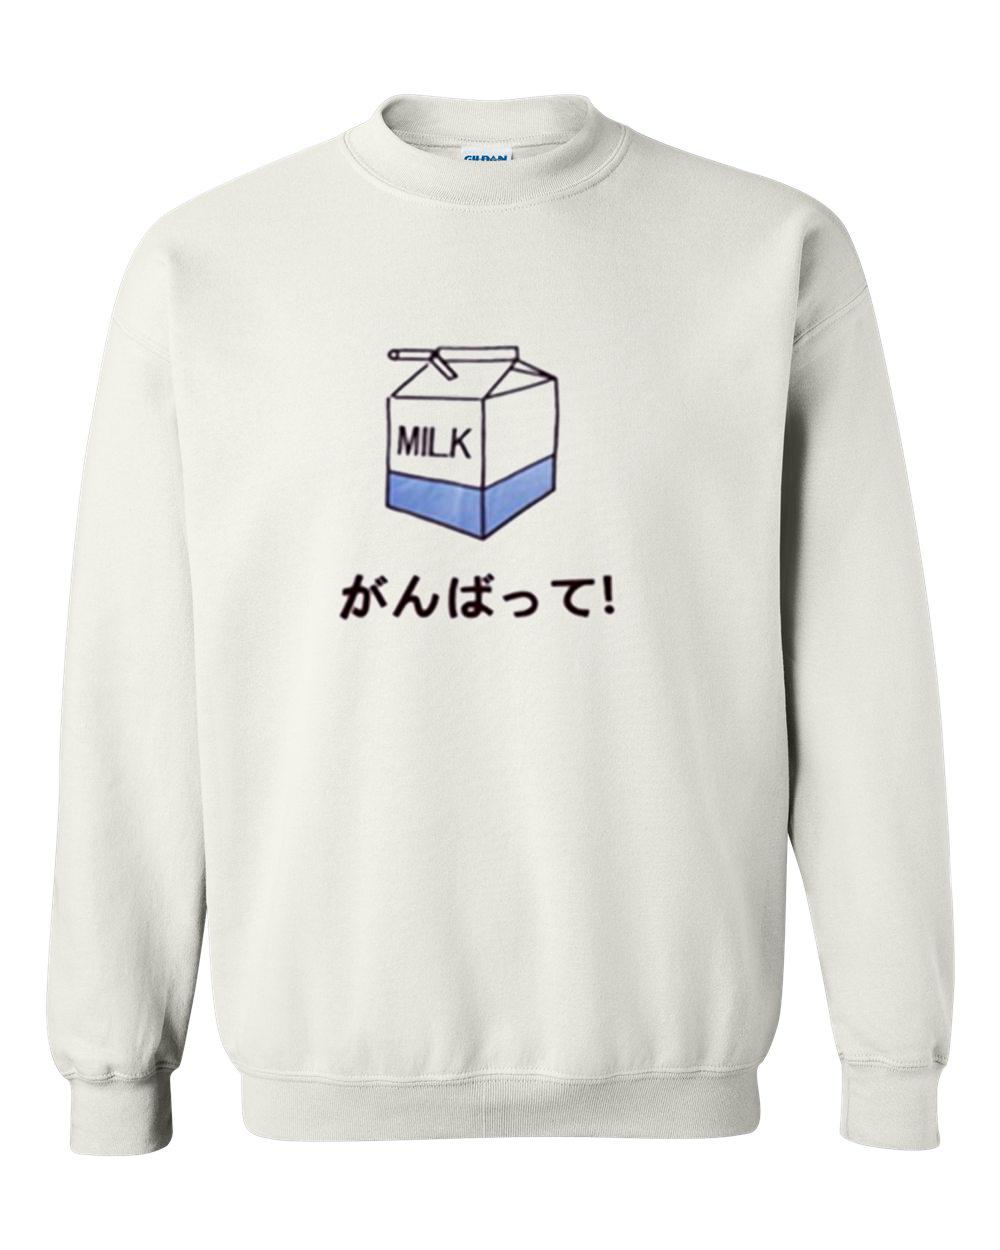 White Milk Japanese sweatshirt